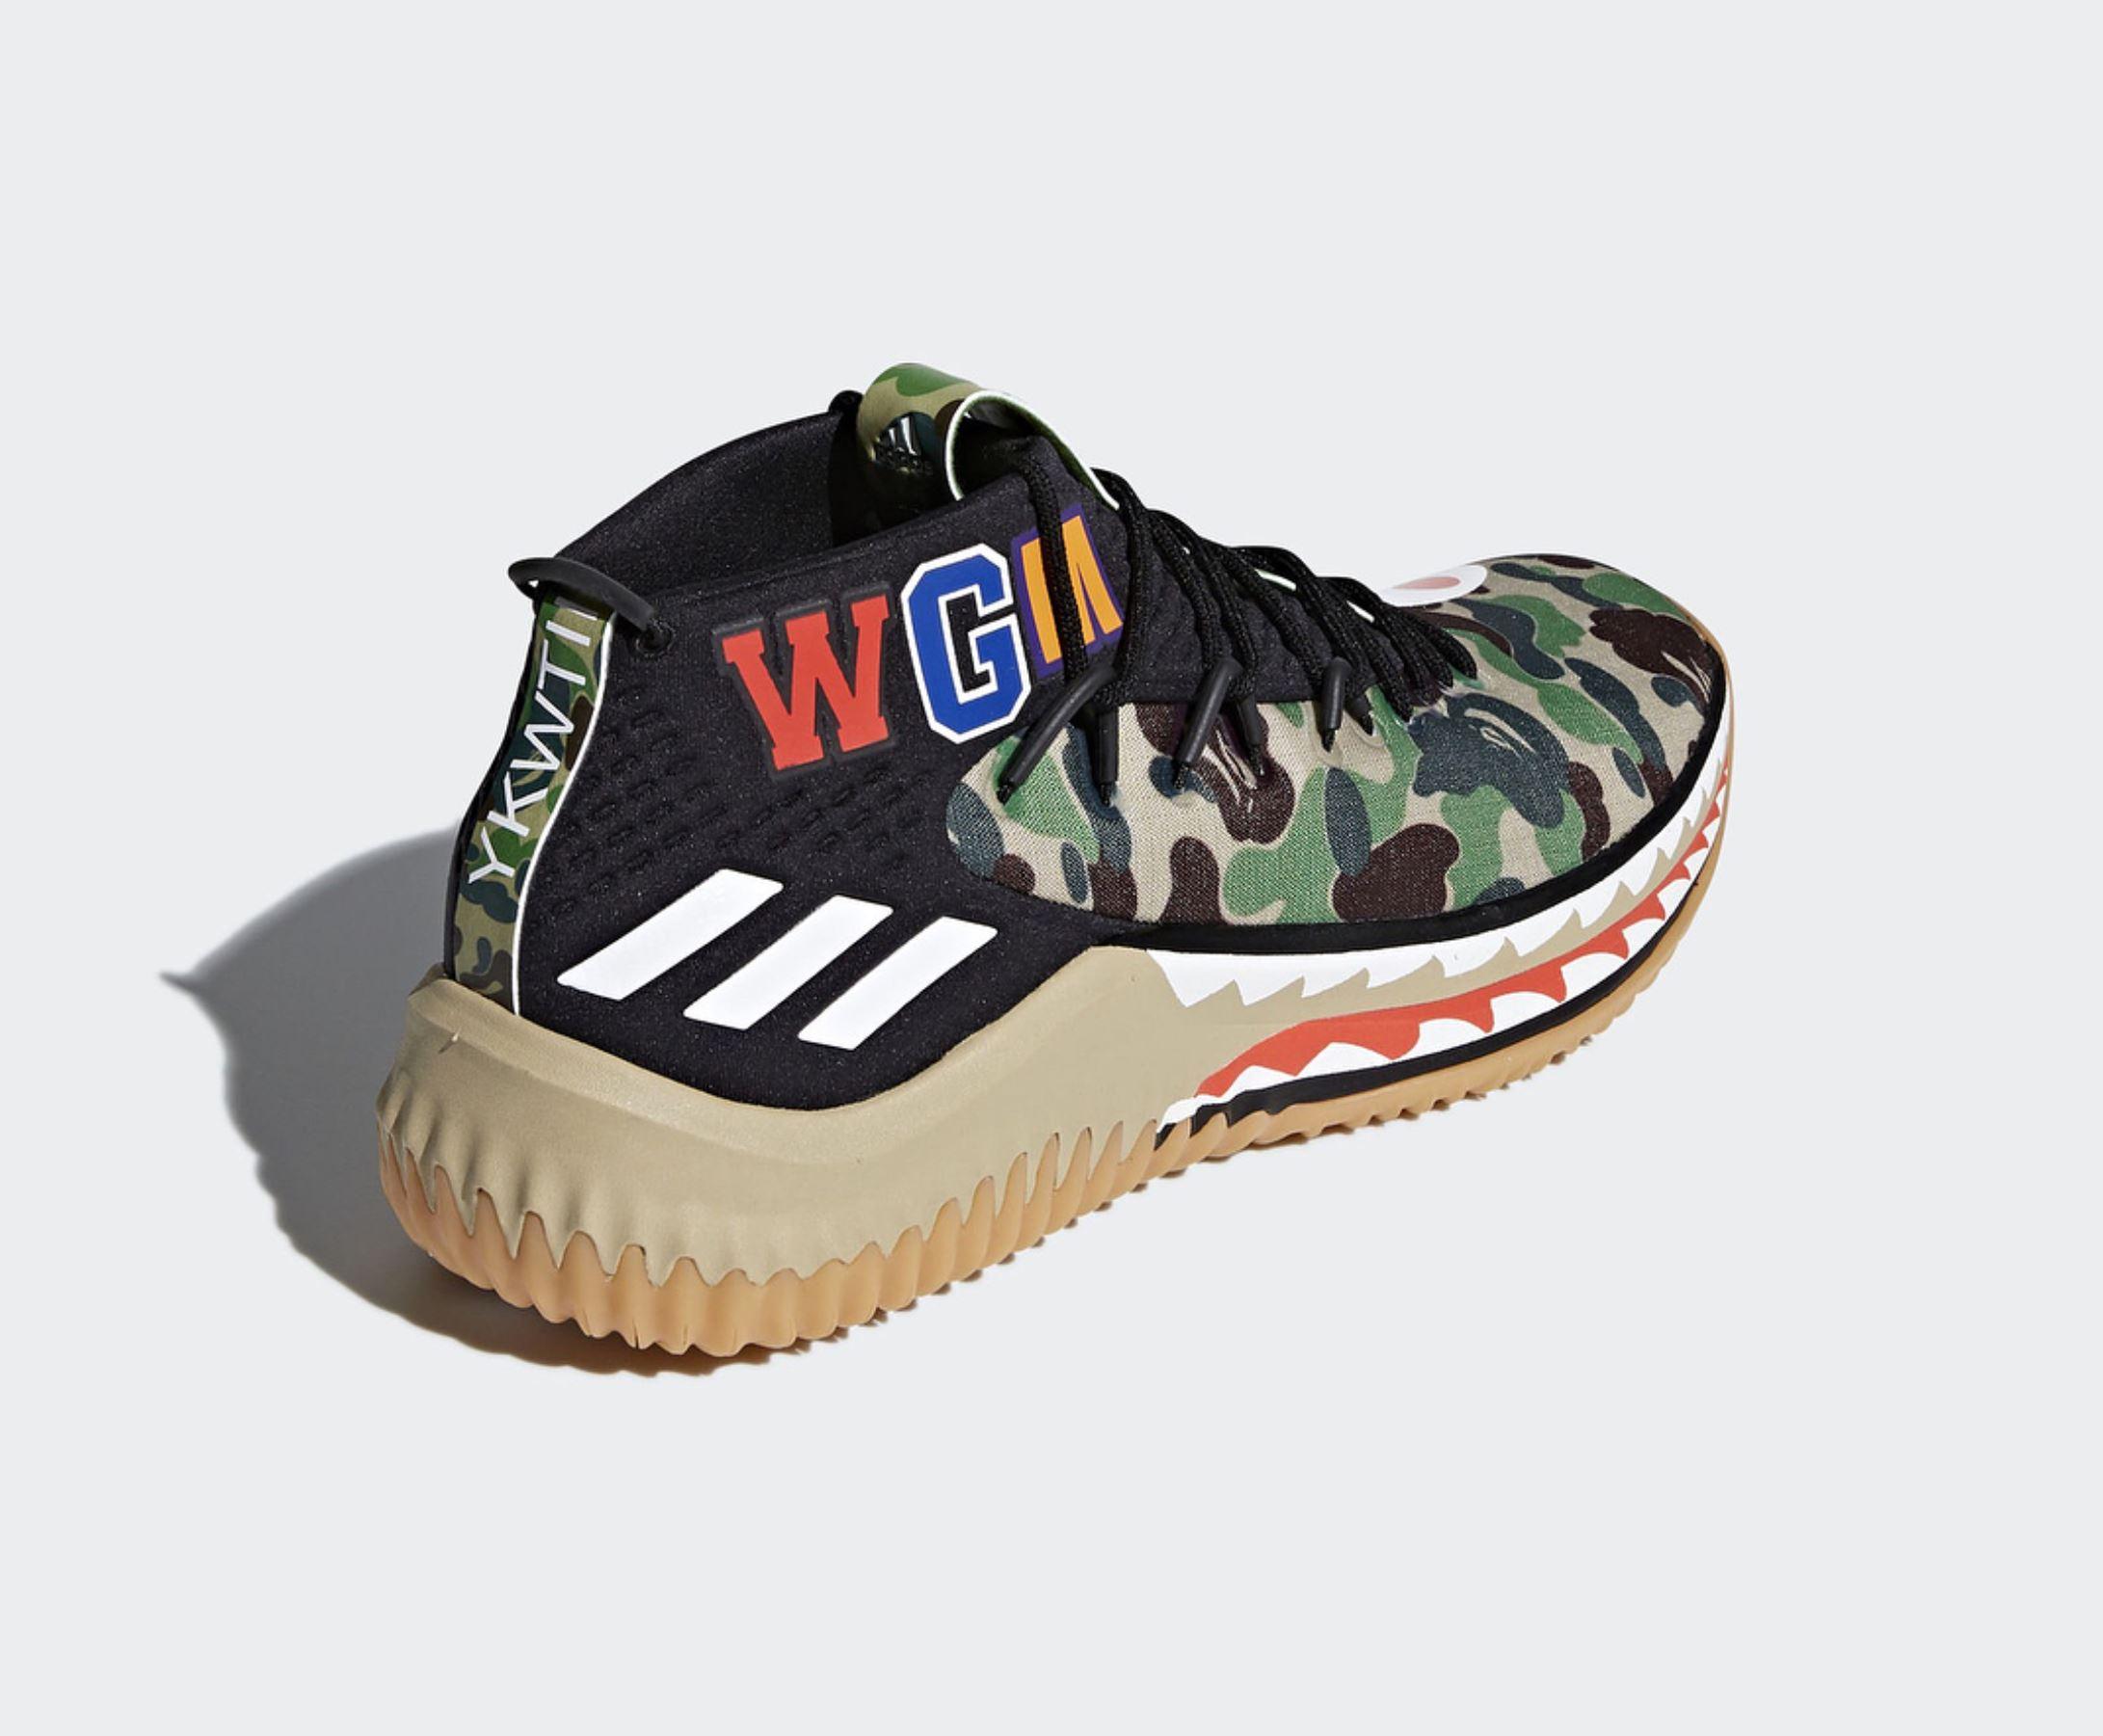 adidas dame 4 BAPE official 8